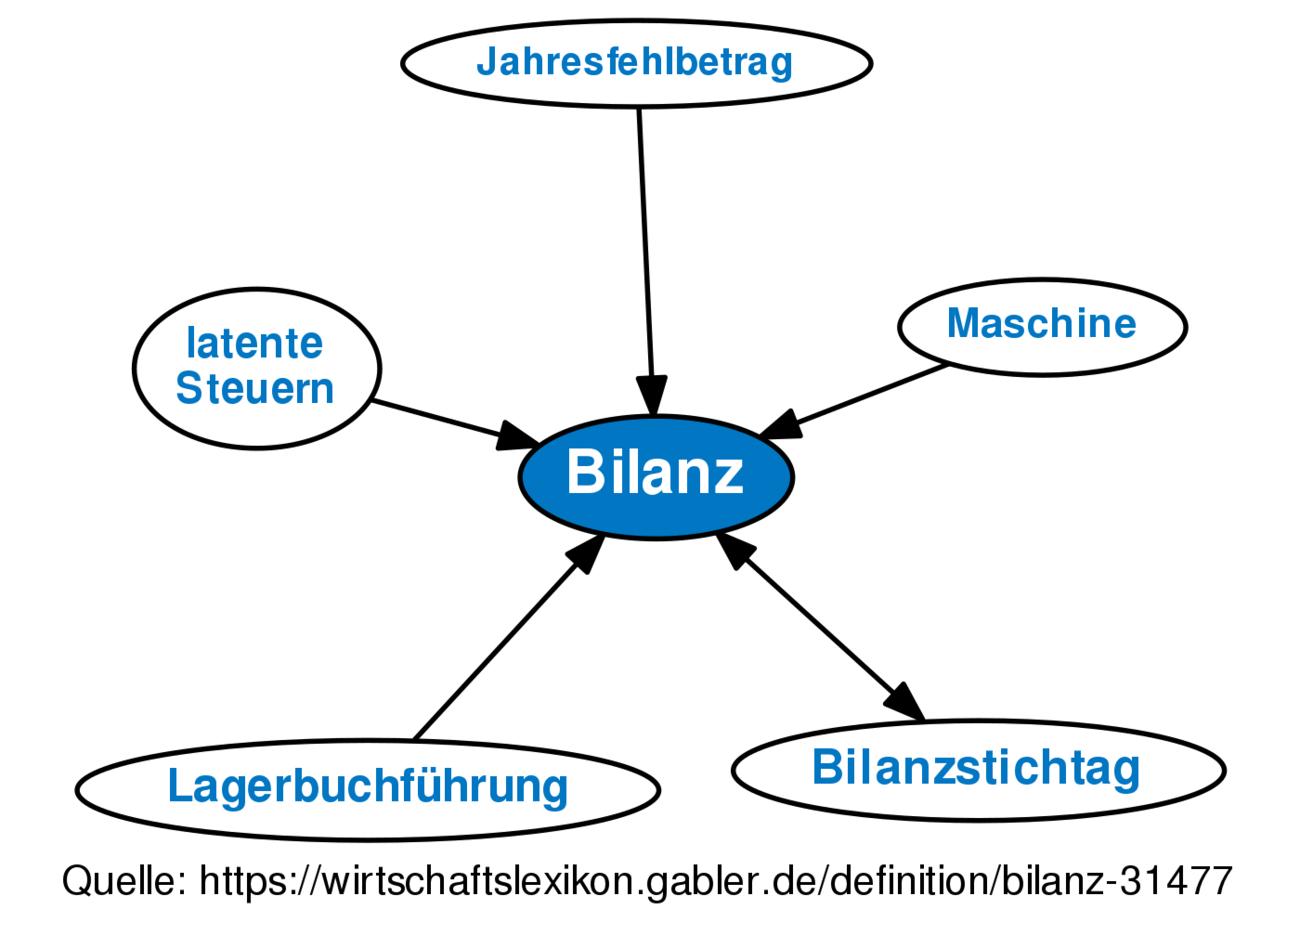 Tolle Gute Einstiegs Bilanz Lebenslauf Ideen - Entry Level Resume ...